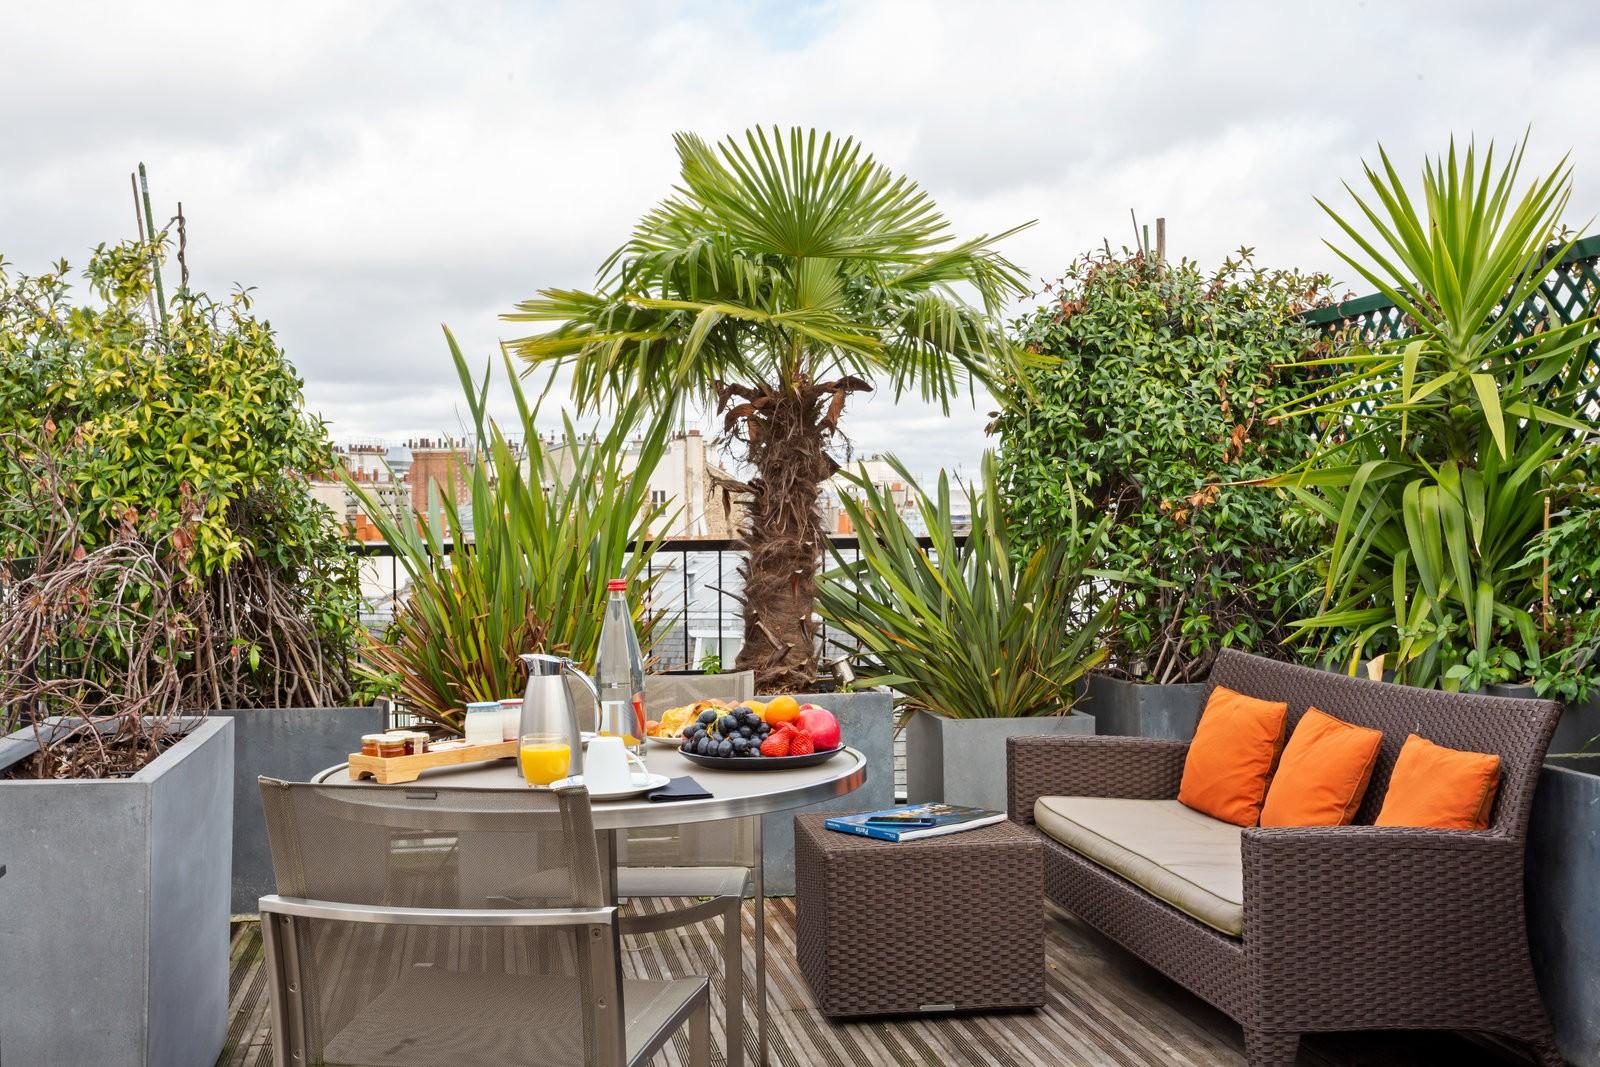 Petite terrasse rectangulaire avec des palmiers, et autre pots de fleurs en béton. Un salon de jardin y est installé, ainsi qu'une table avec deux chaises et un petit déjeuner dressé (fruits et jus)